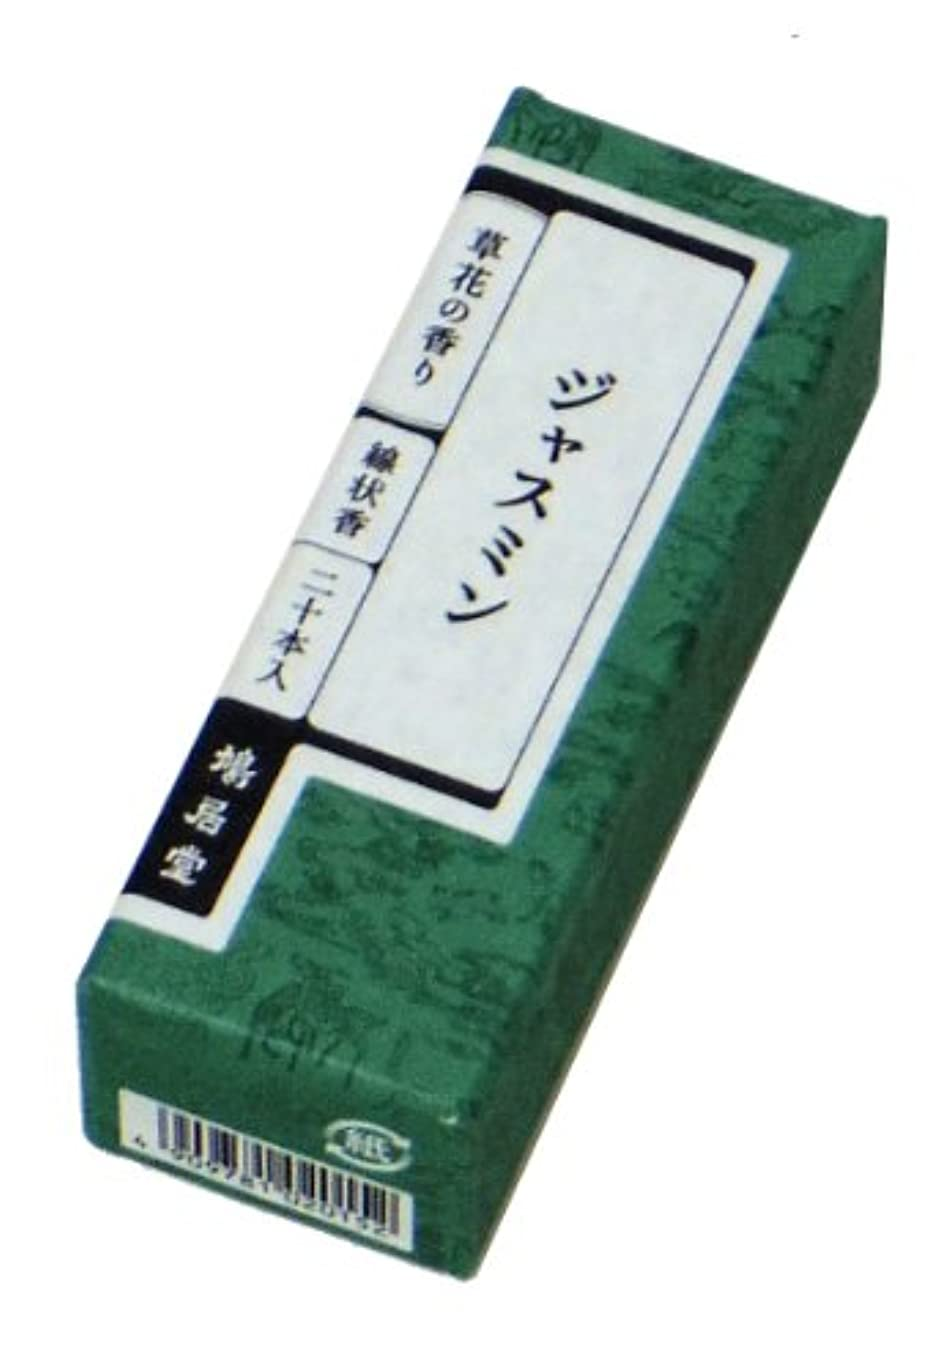 ぶら下がる受粉者クローン鳩居堂のお香 草花の香り ジャスミン 20本入 6cm